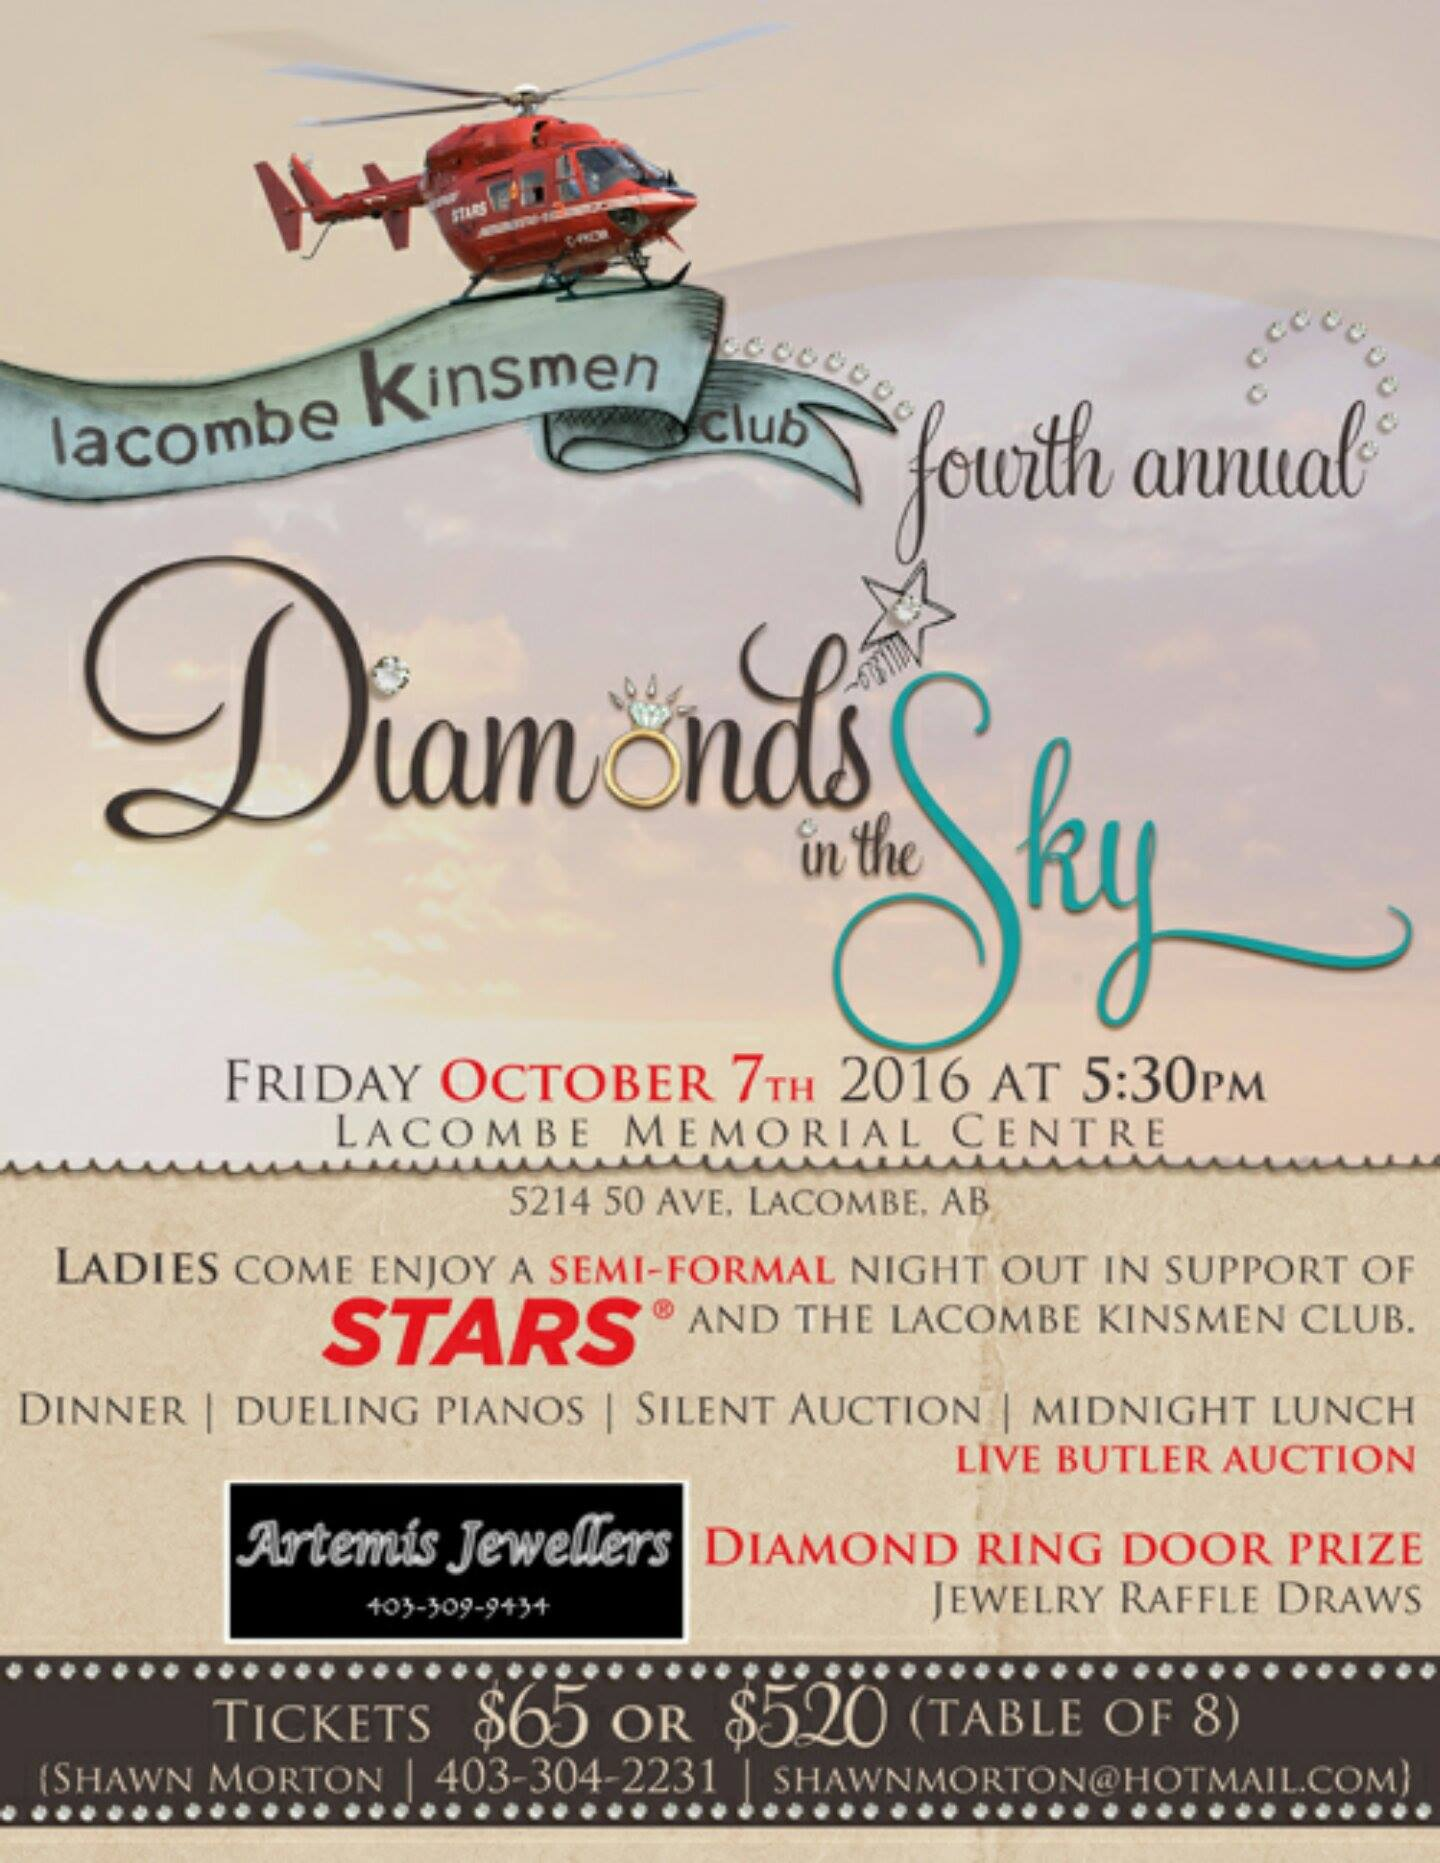 4th Annual Diamonds in the Sky @ Lacombe Memorial Centre | Lacombe | Alberta | Canada